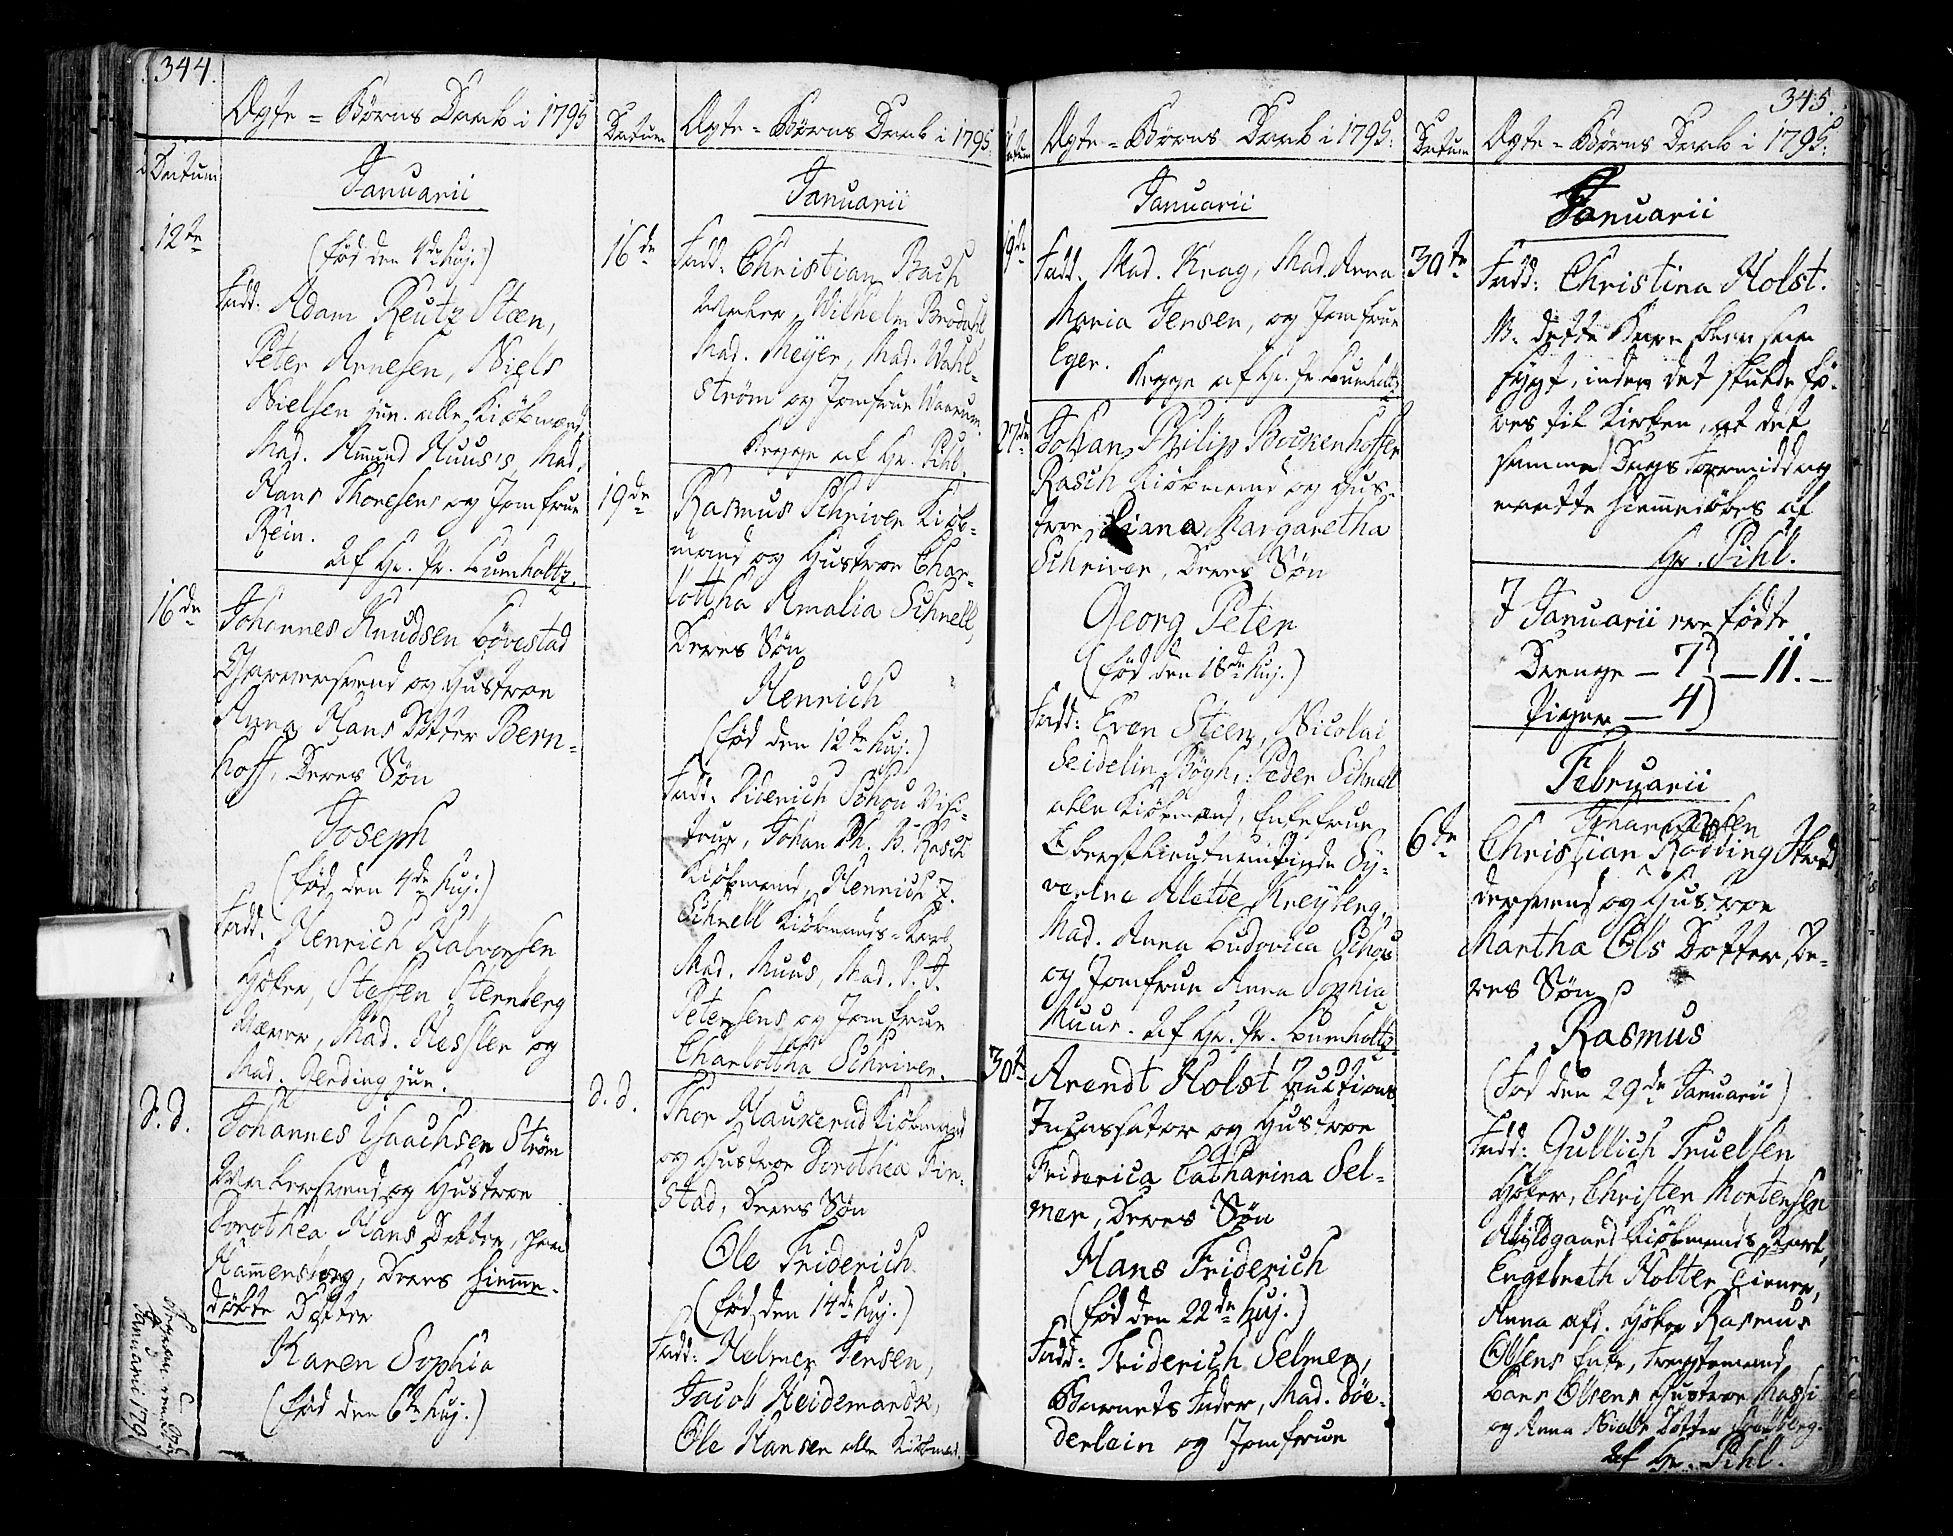 SAO, Oslo domkirke Kirkebøker, F/Fa/L0005: Ministerialbok nr. 5, 1787-1806, s. 344-345